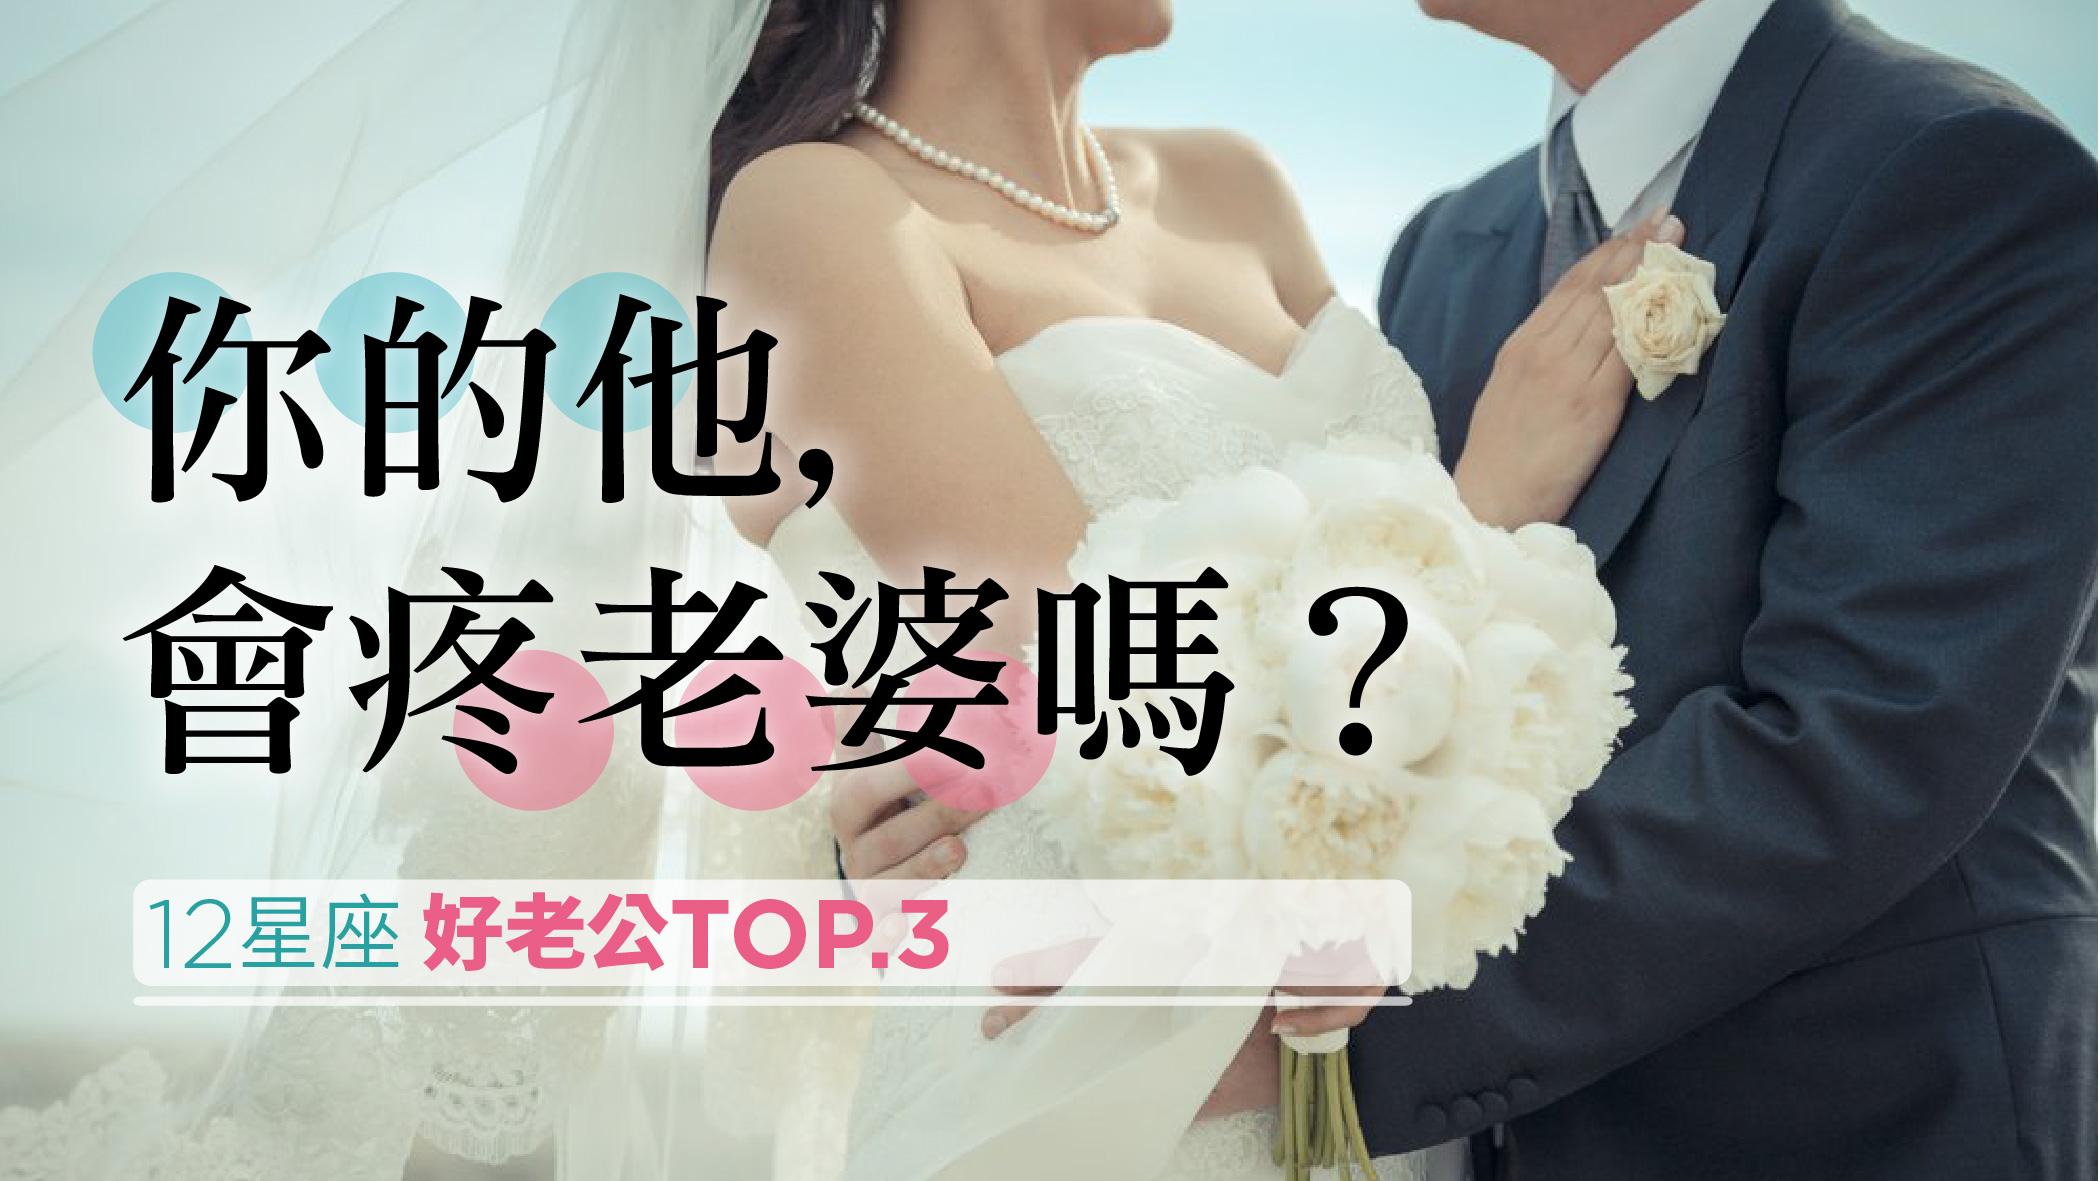 1508.12星座『好老公』排名TOP.3!『你的他會疼老婆嗎?』